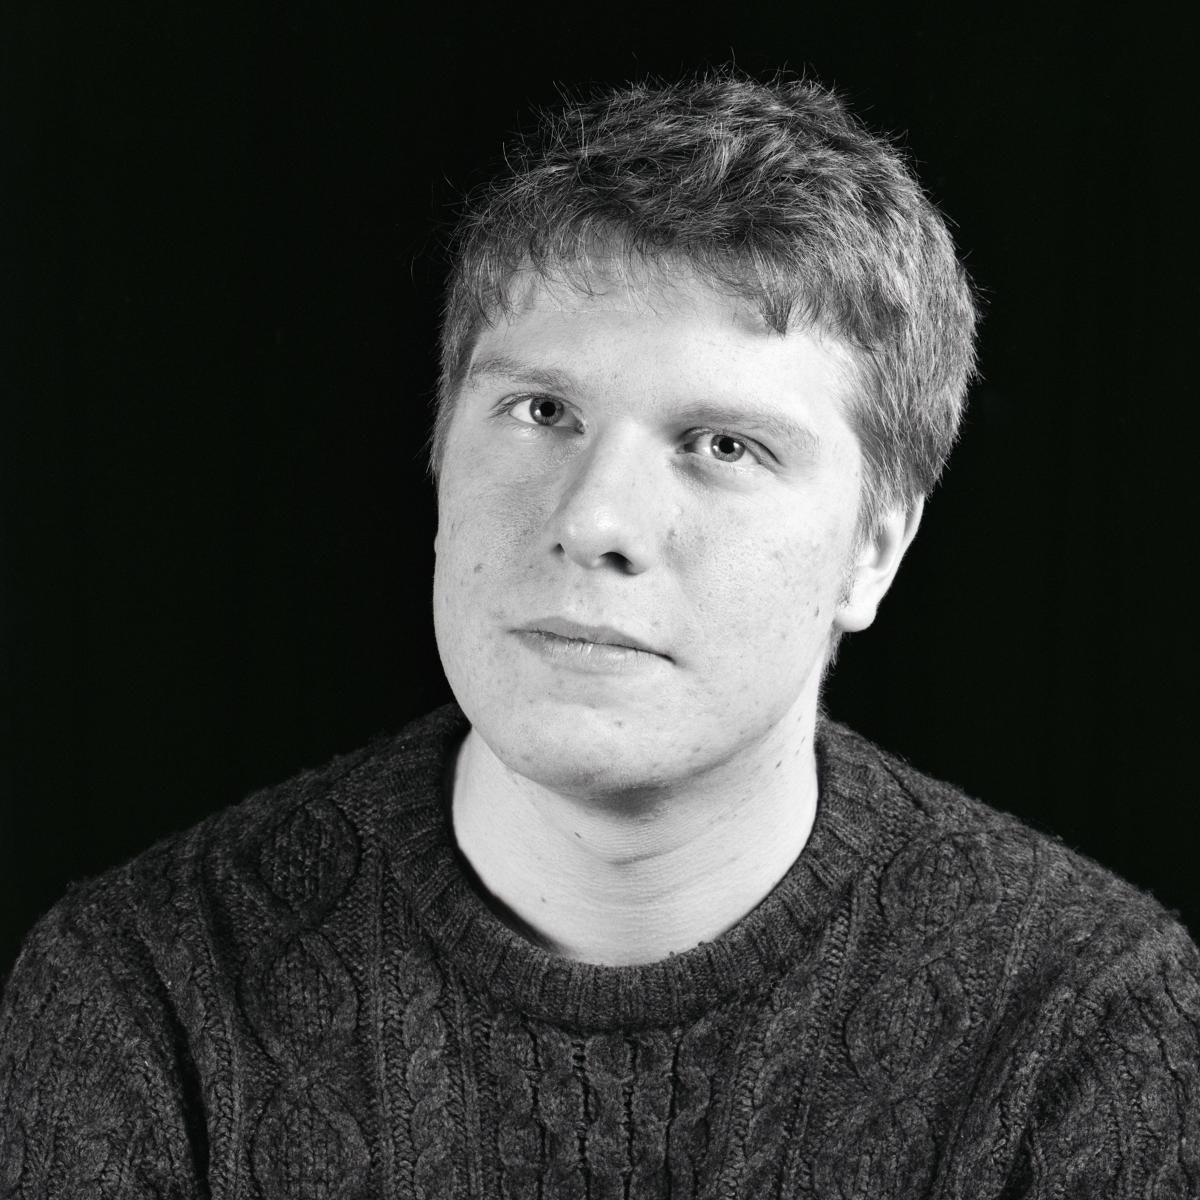 Marcus Kernohan